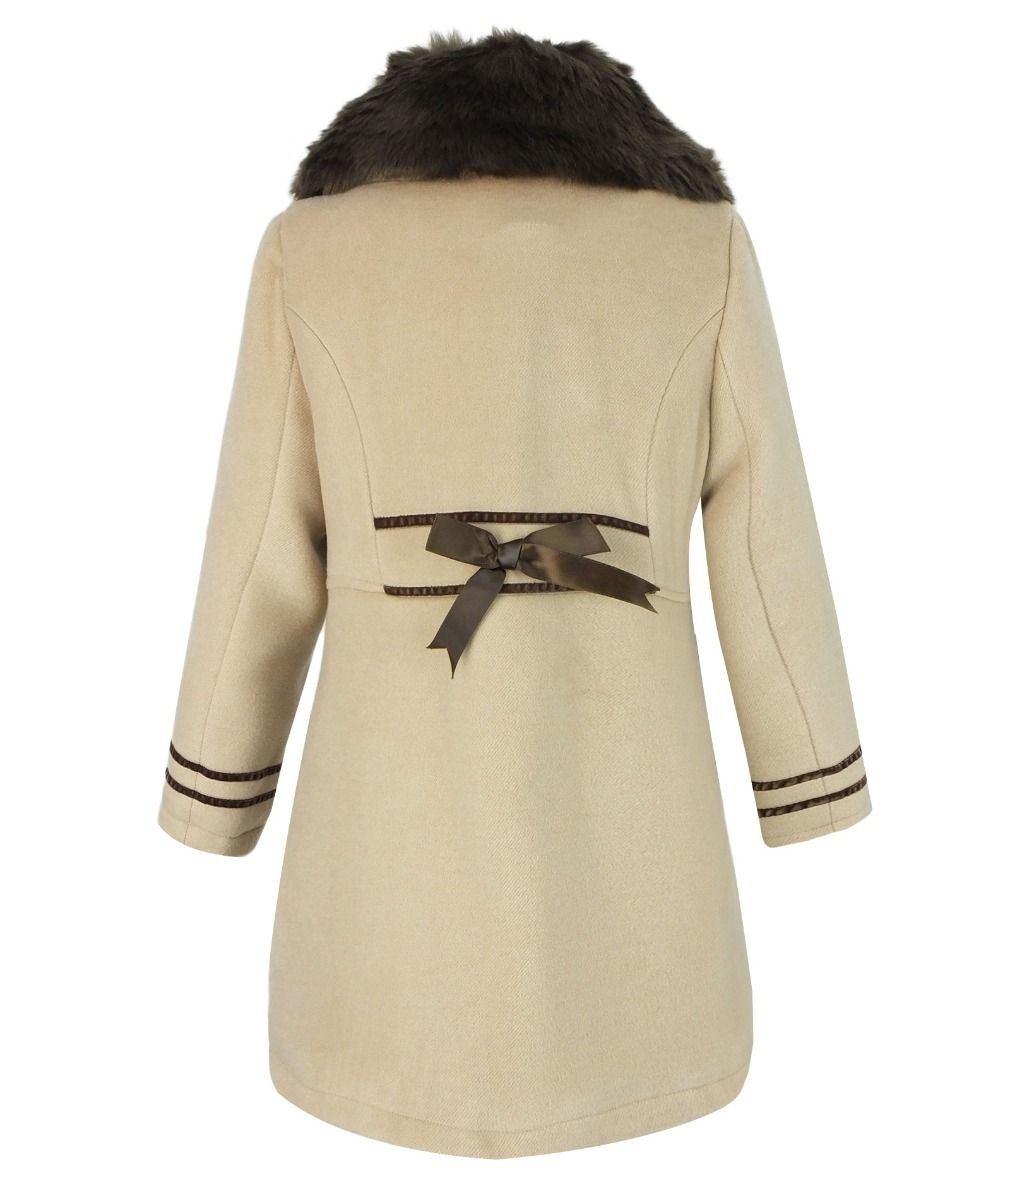 Designer Boatneck Dress and Coat Set in by DivingHorseVintage, $150